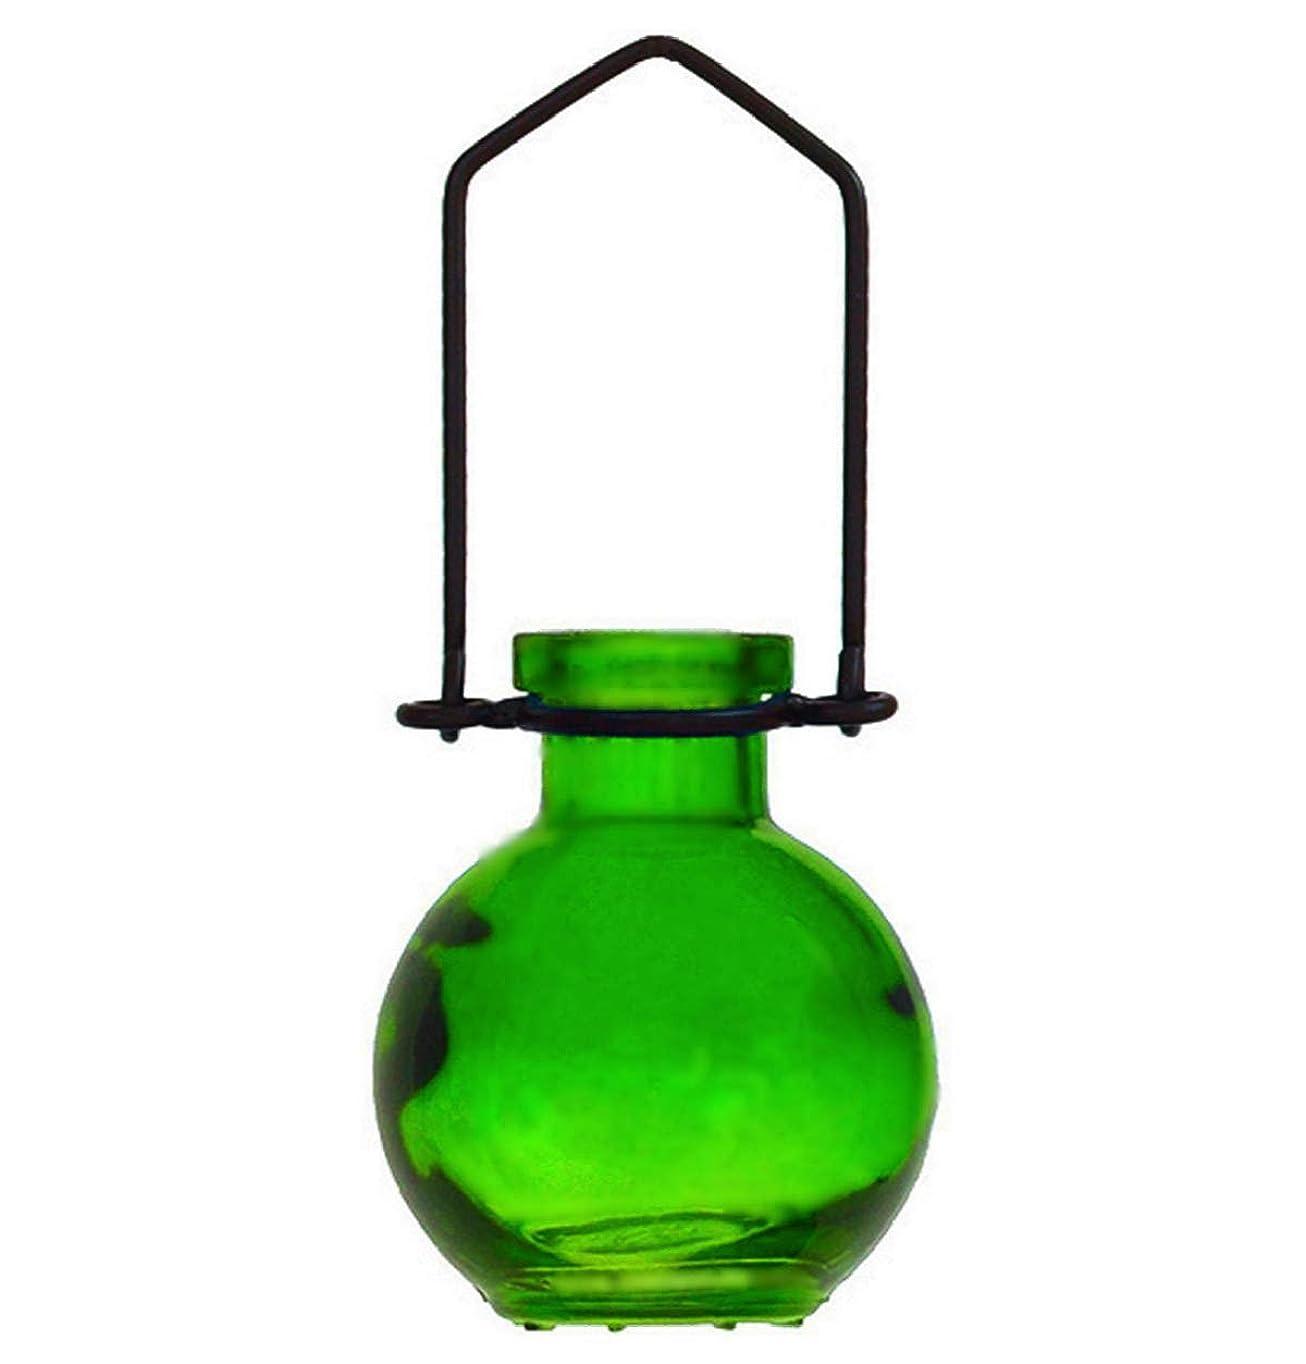 キャリッジ衰える省装飾用吊り下げ花瓶 小型のガラスボトル 寮の飾り カラフルなお香立て 壁掛け装飾 ロマンチックな装飾 G270VF